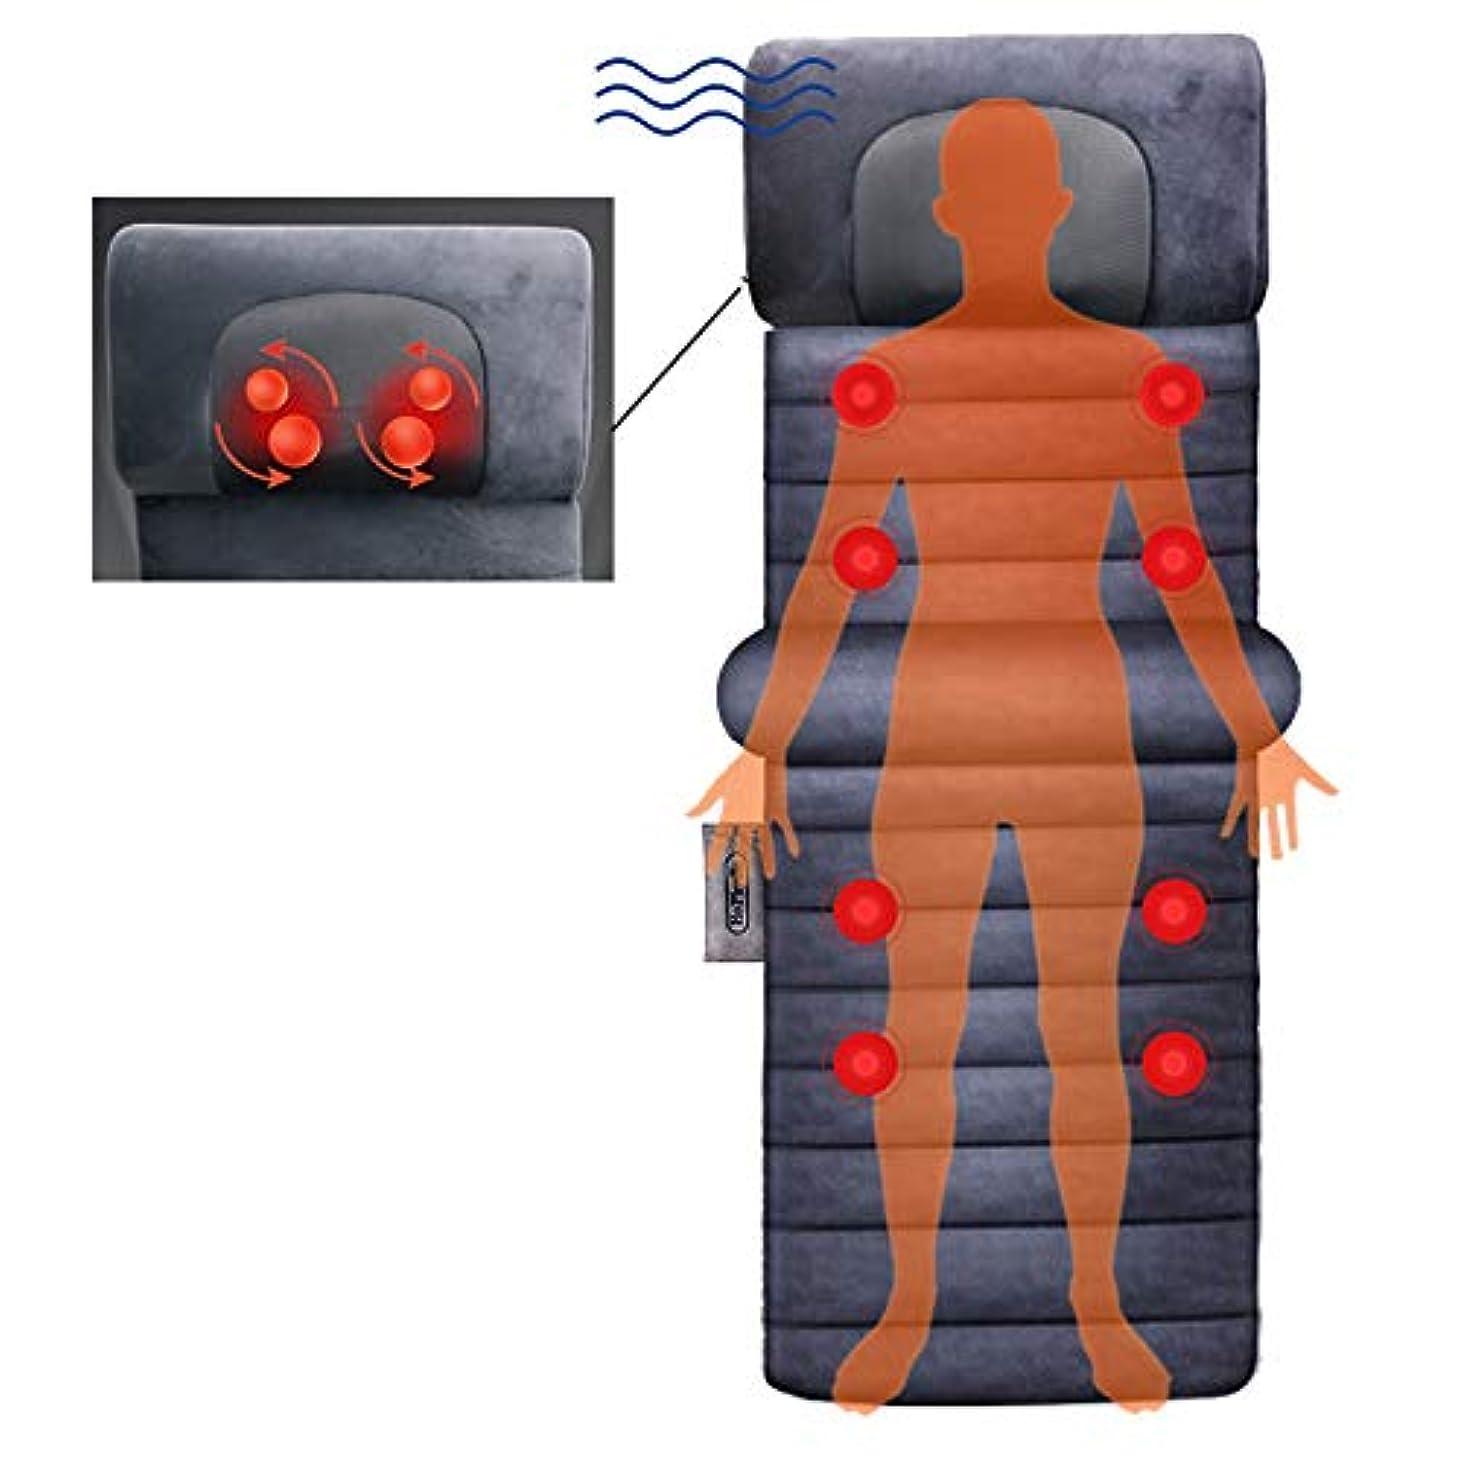 歌バトル上院議員マットレス遠赤外線暖房セラピーネック背中のマッサージリラクゼーションベッドマッサージフルボディマッサージマットエレクトリックバイブレーター